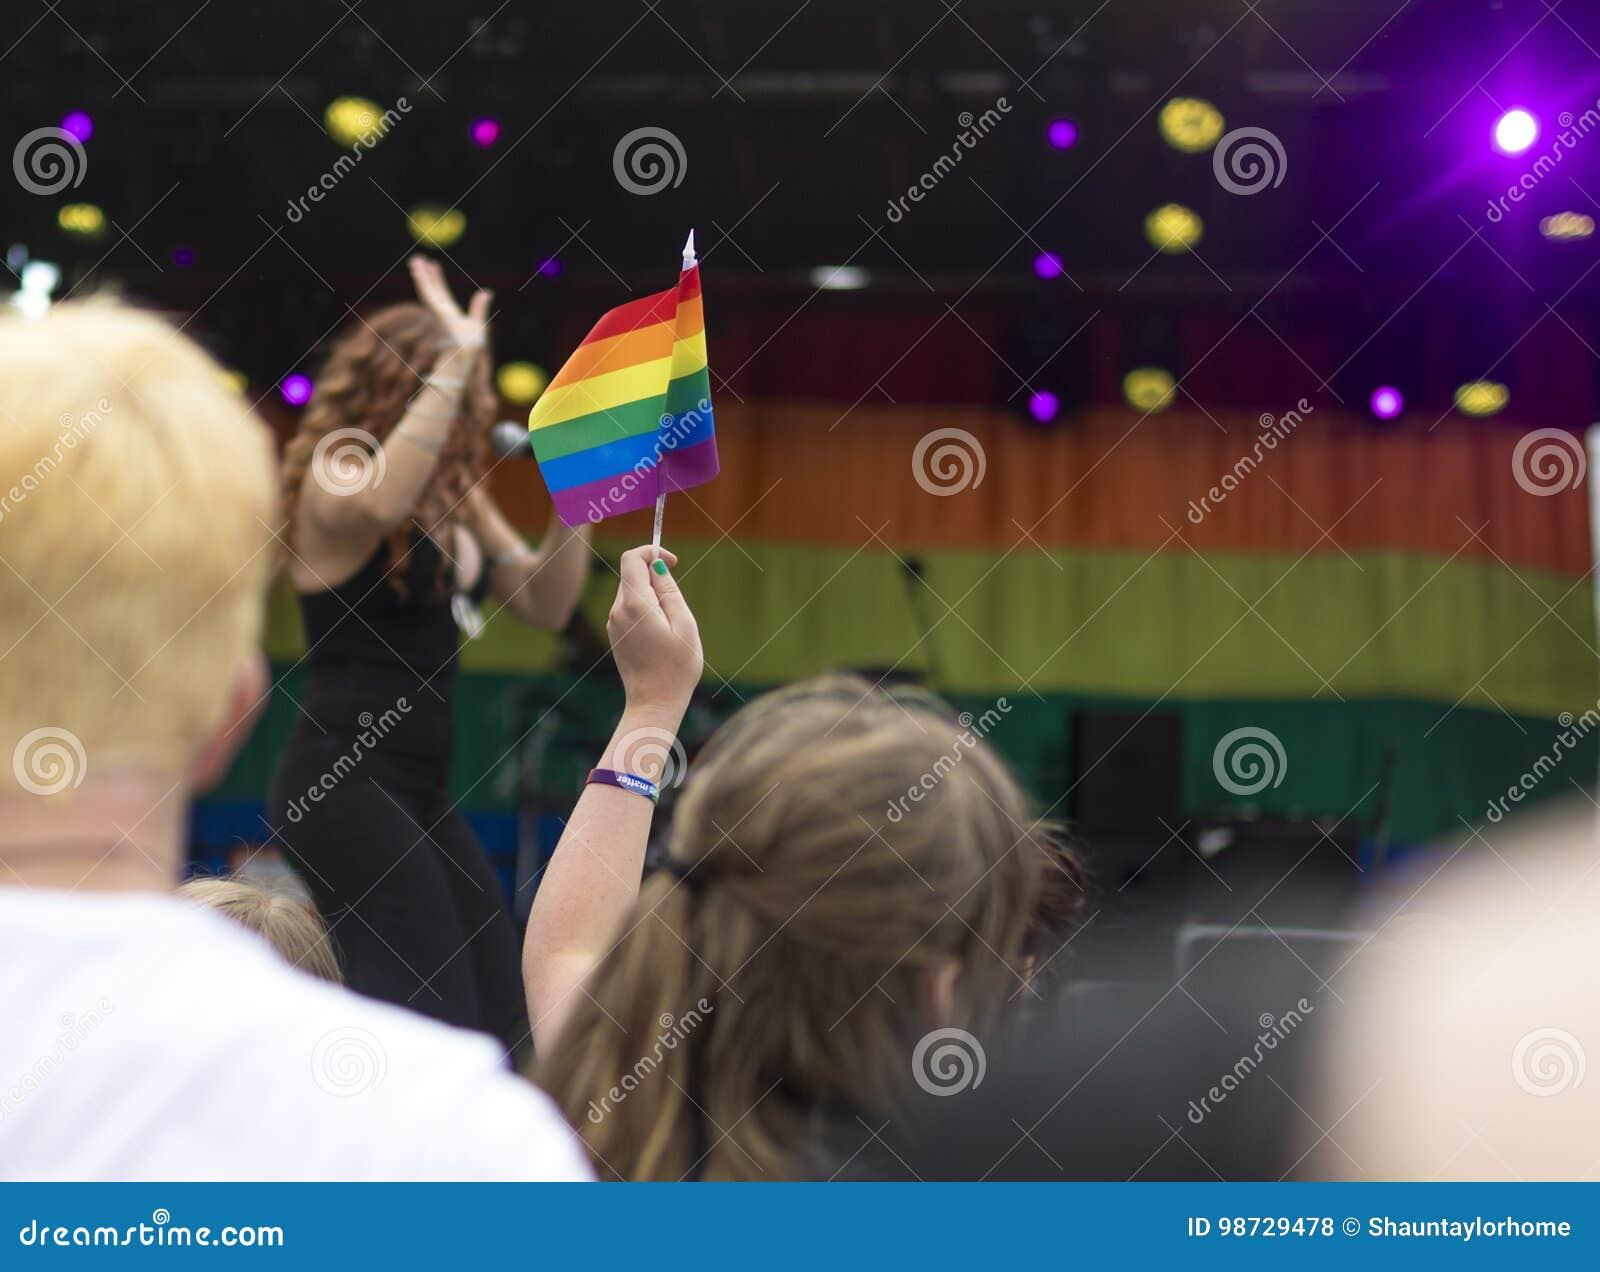 Doncaster orgulho festival do 19 de agosto de 2017 LGBT, bandeira do arco-íris, festiva